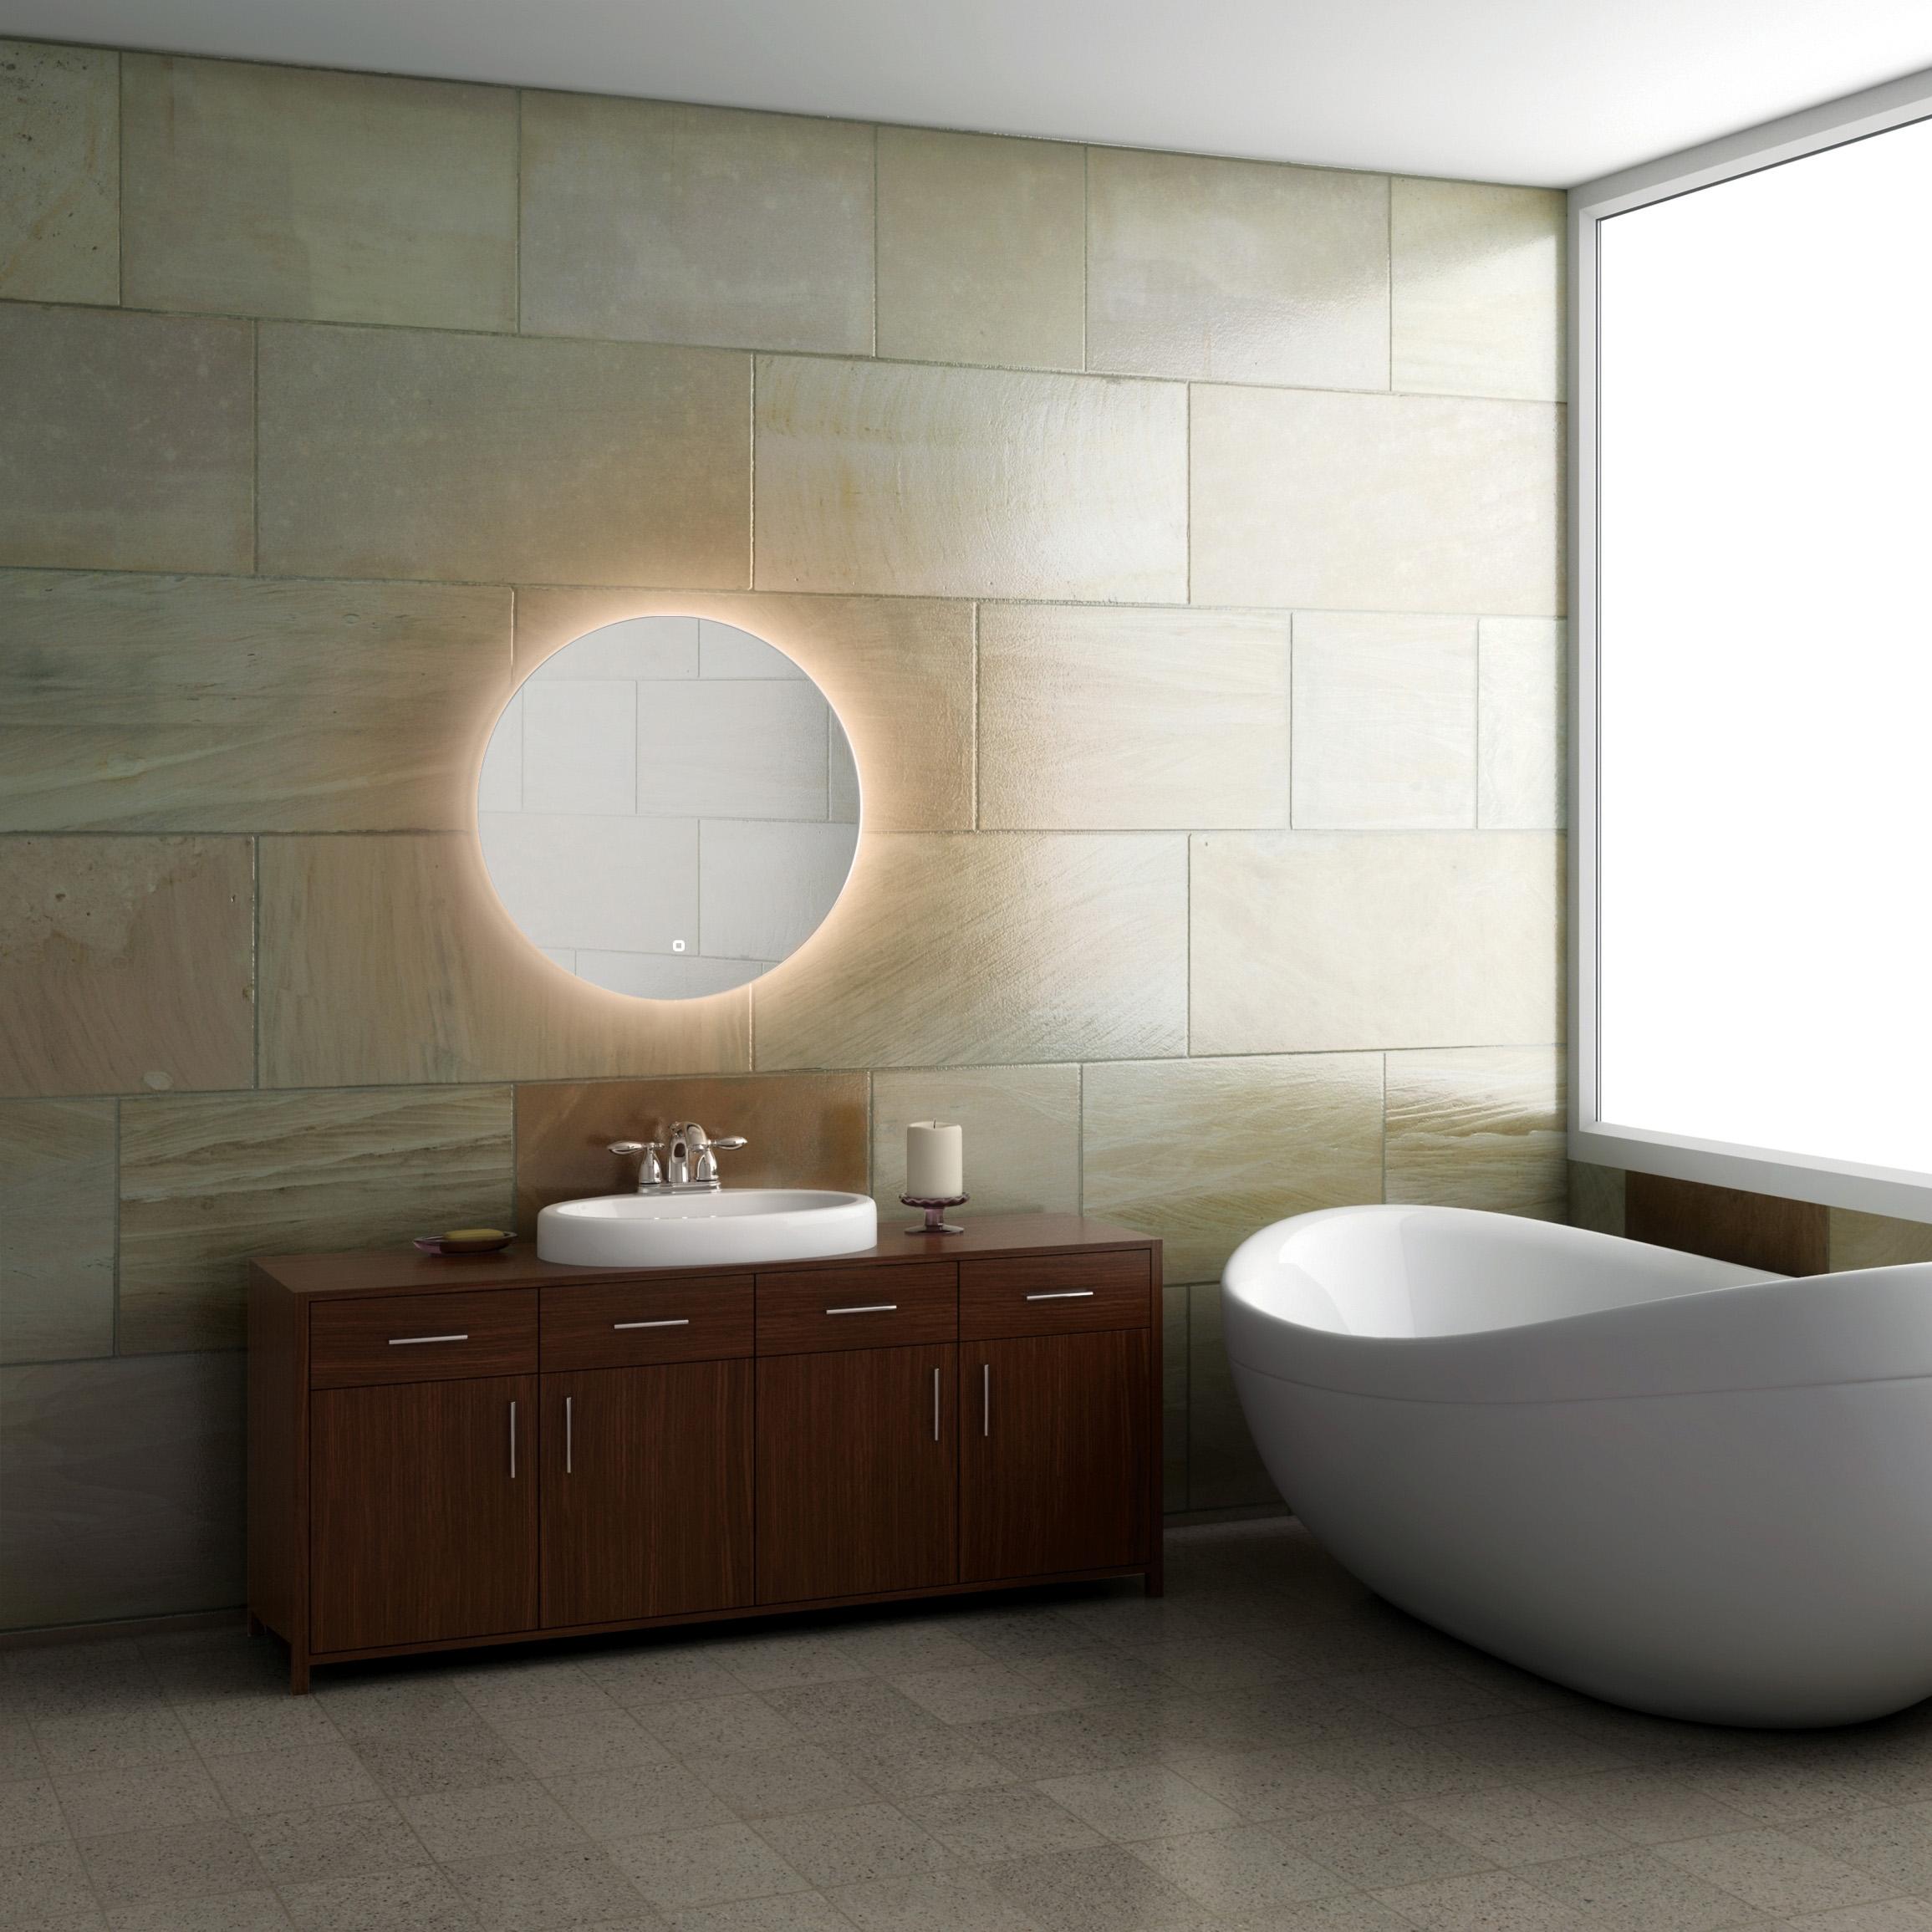 Ventilateur Salle De Bain Home Depot ~ en qu te d inspiration pour r nover ou installer une salle de bains